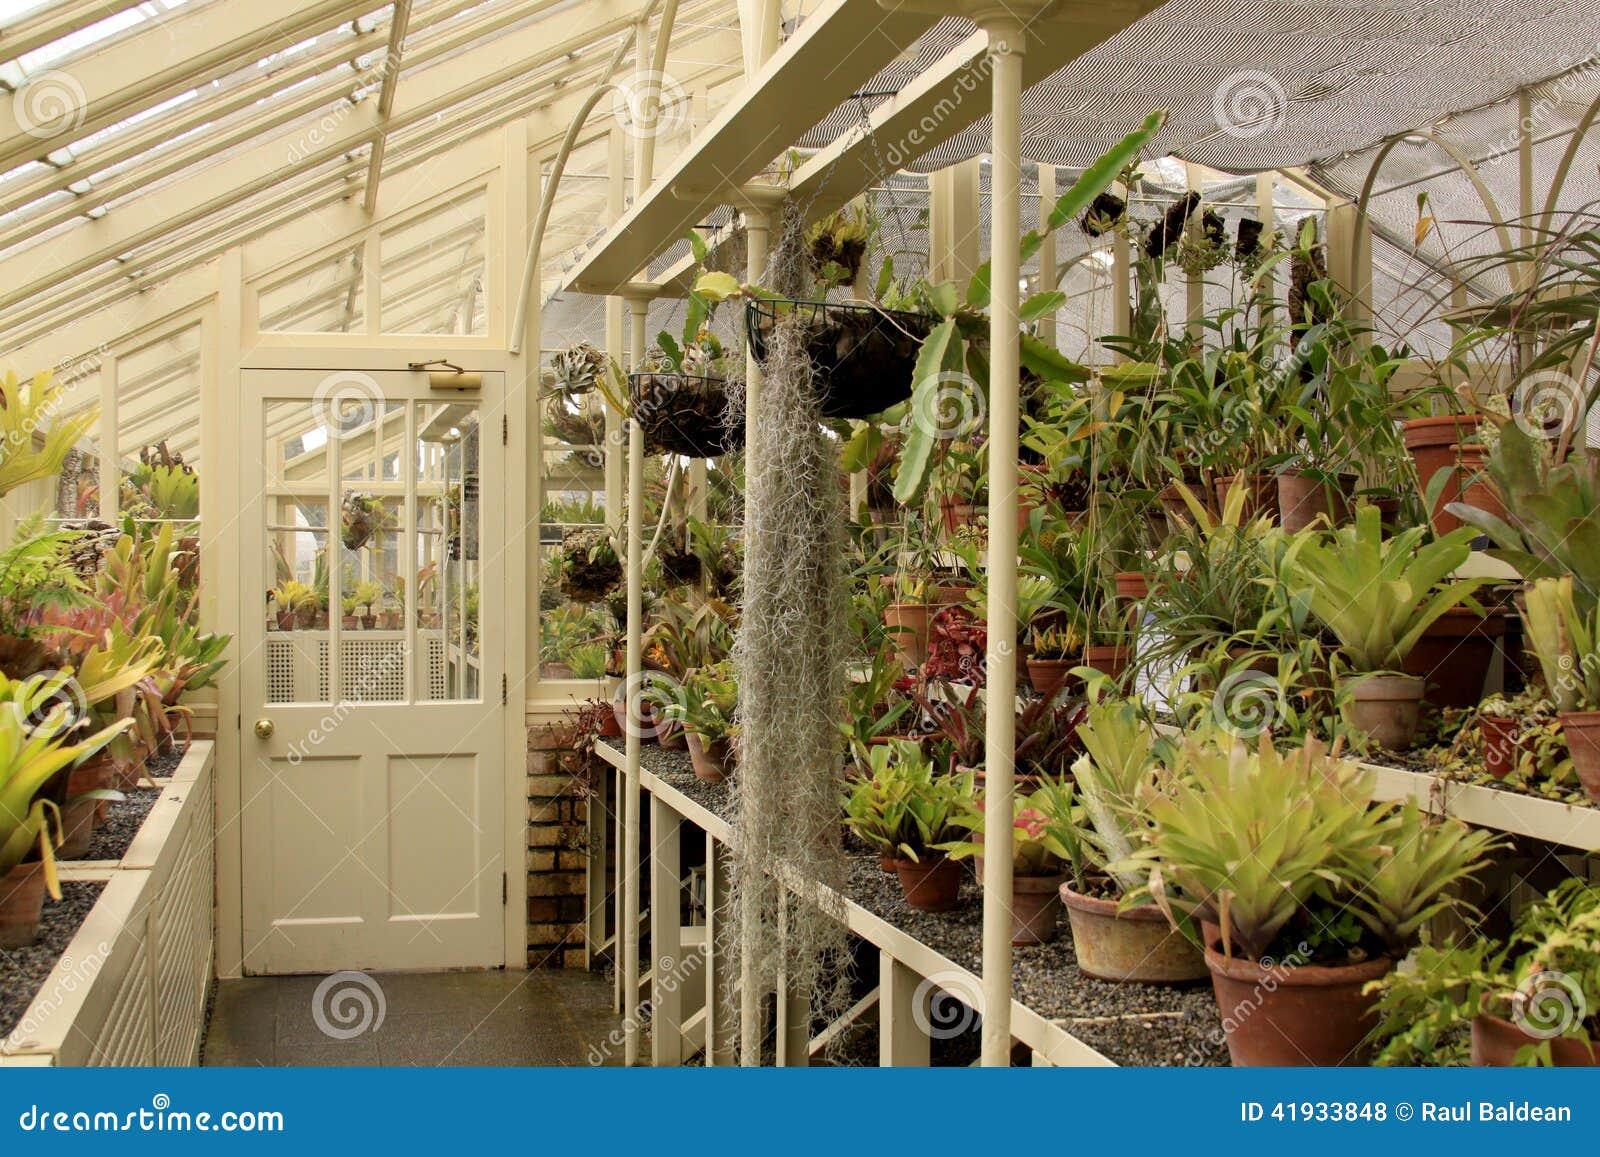 Inside a greenhouse in Ireland